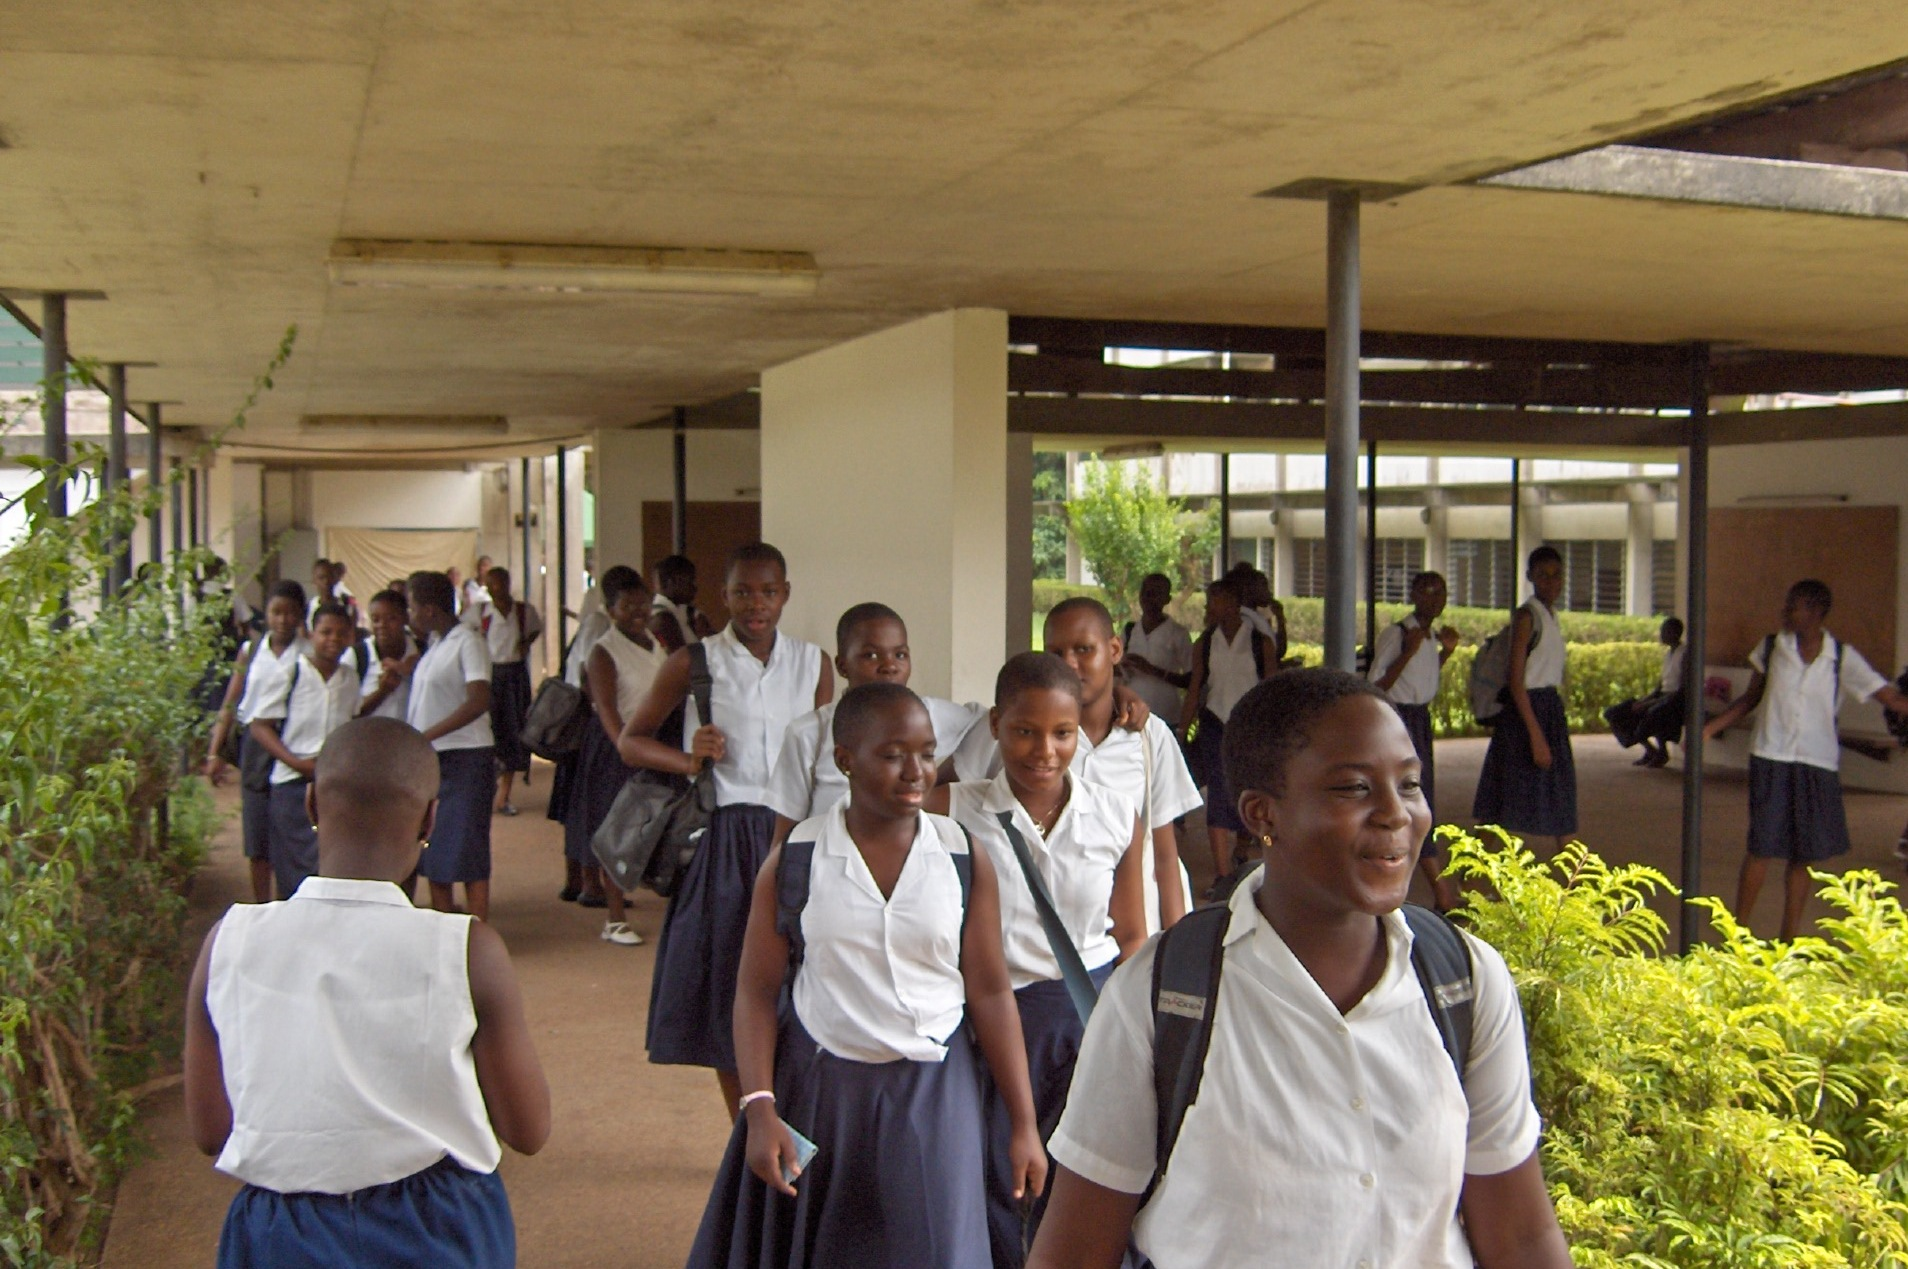 rentree-scolaire-2020-2021-reprise-des-cours-timide-sans-respect-des-mesures-barrieres